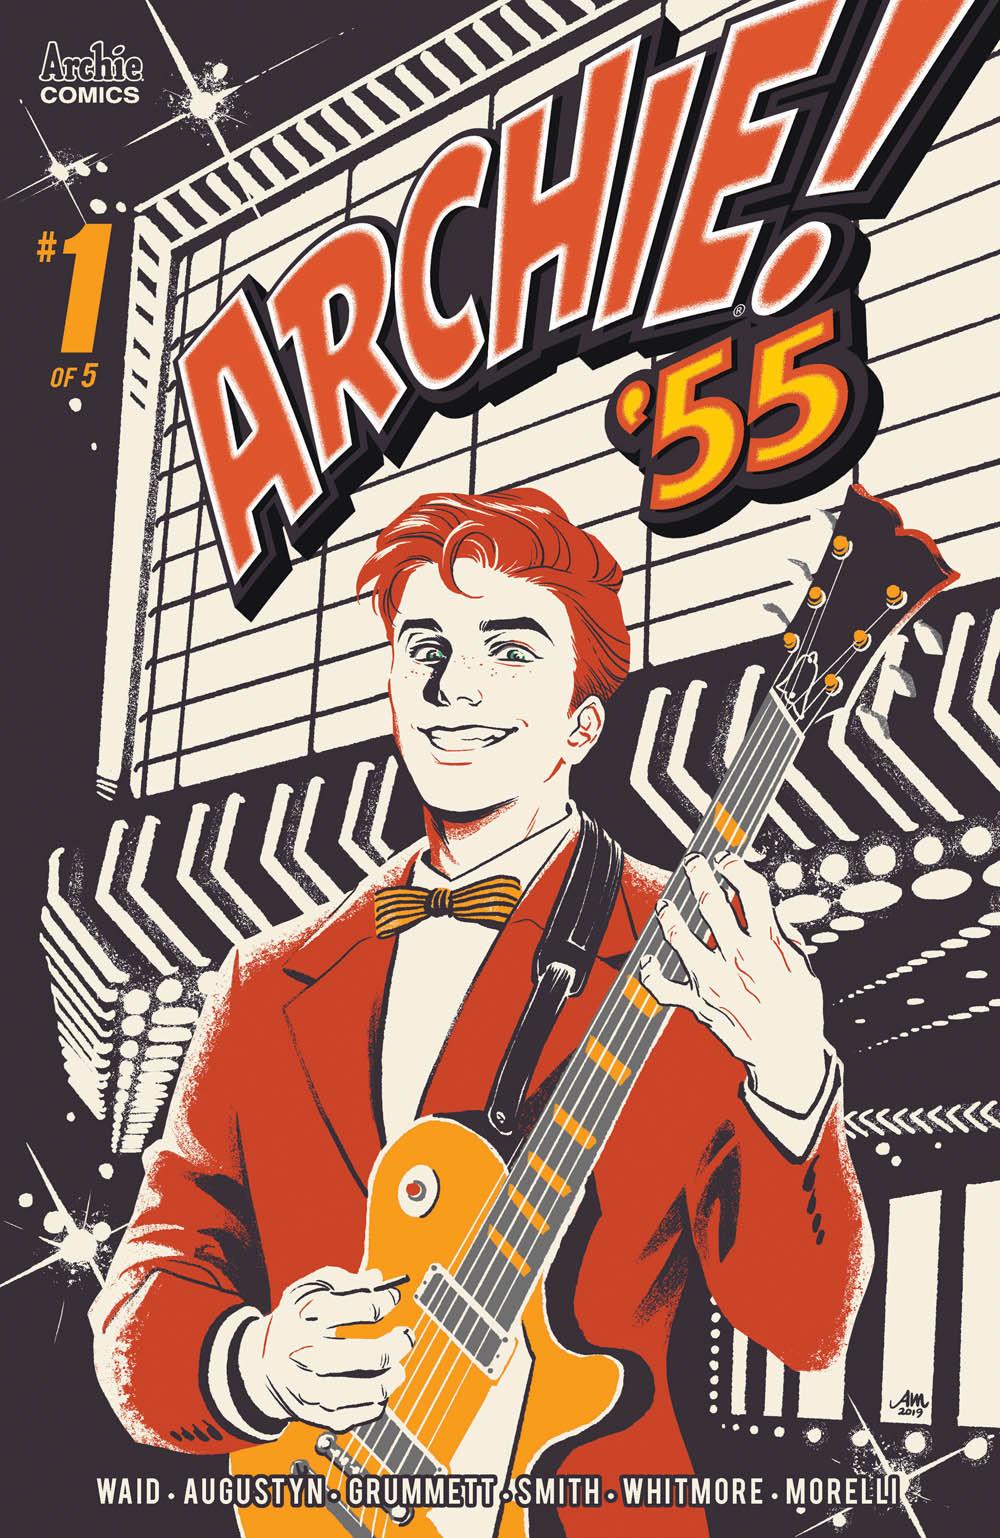 ARCHIE 1955 #1: CVR A Mok